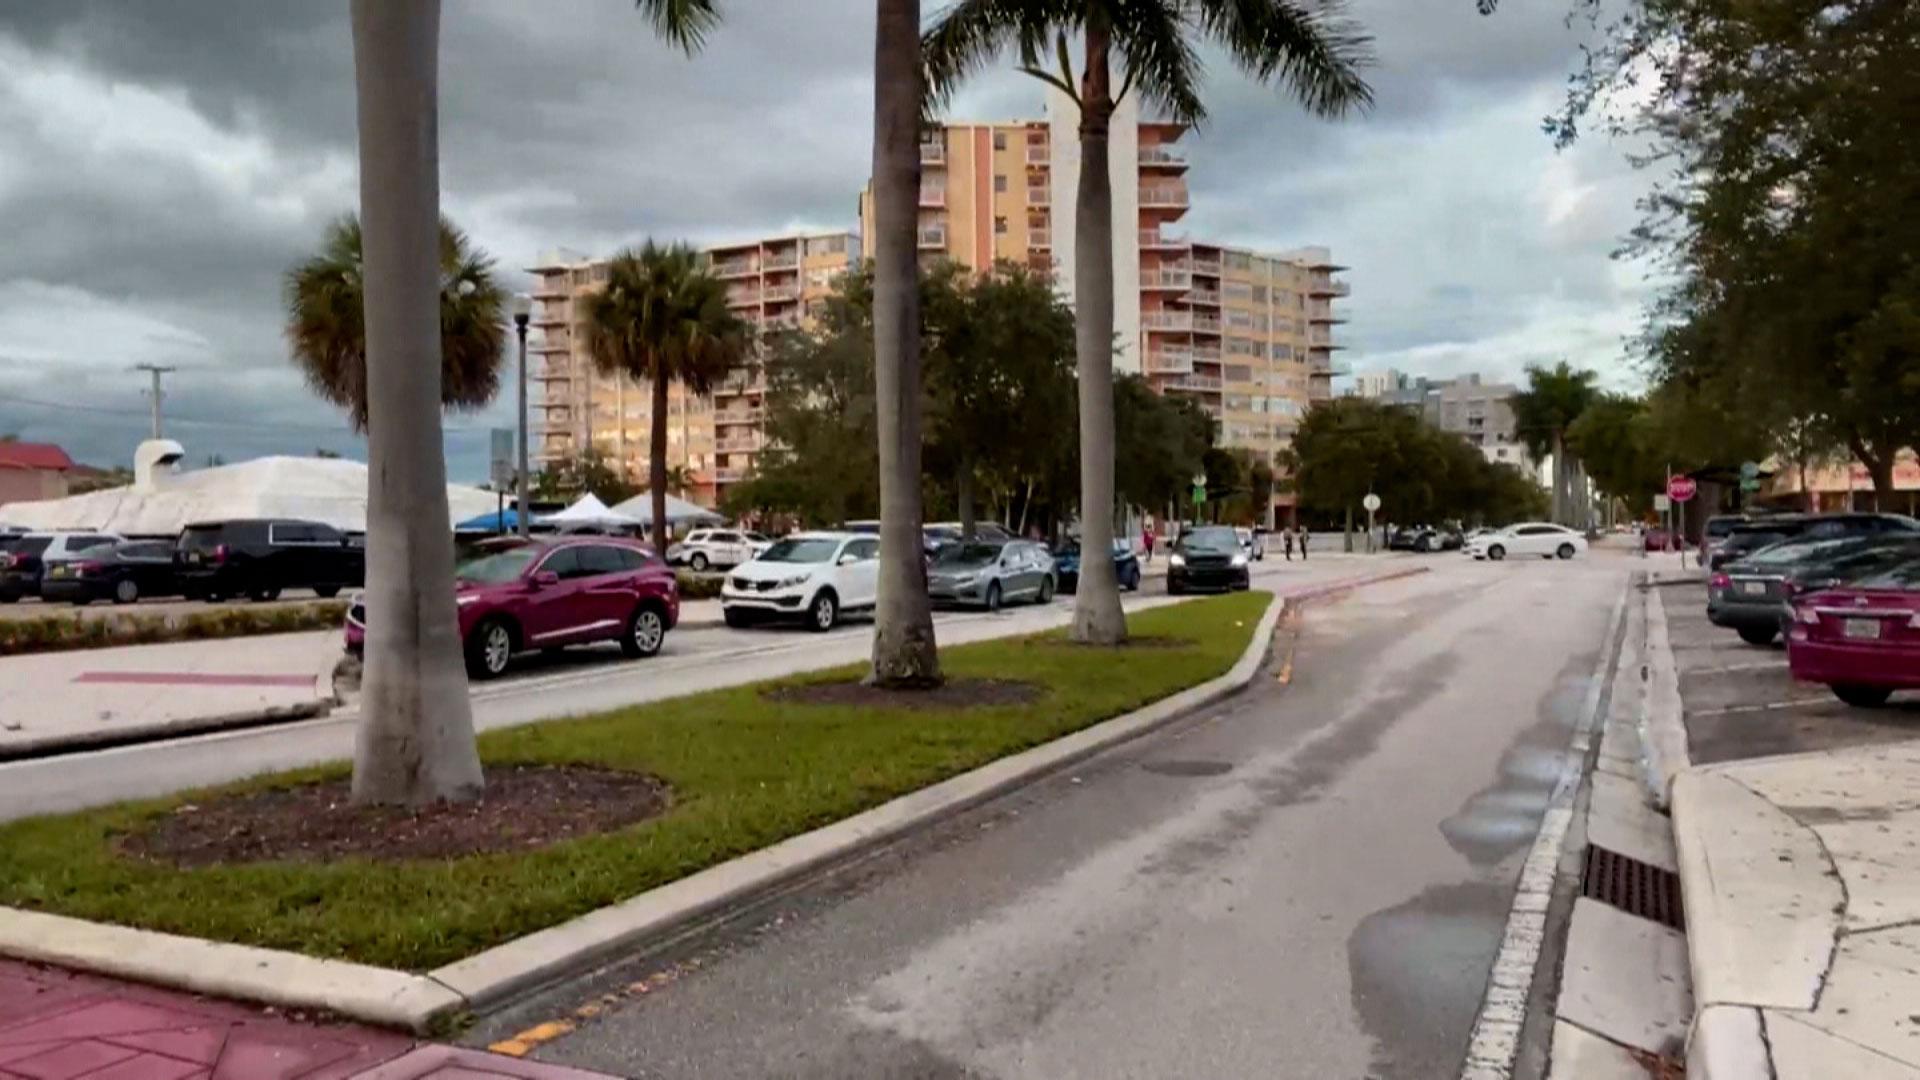 Crestview Towers Condominium building in North Miami Beach.